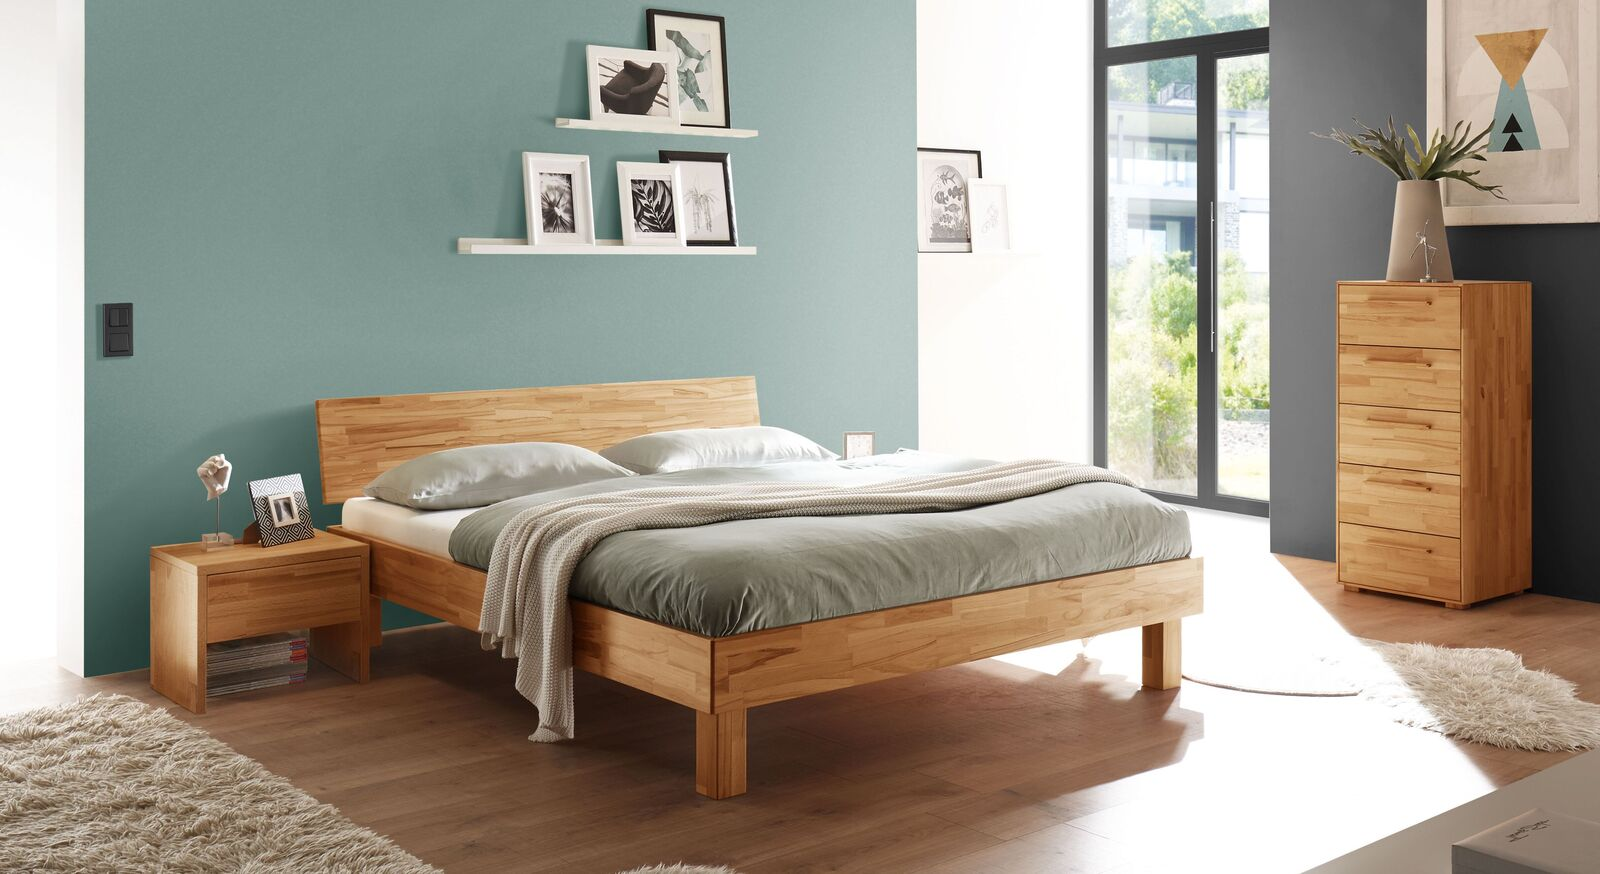 Bett Varion mit passenden Schlafzimmermöbeln